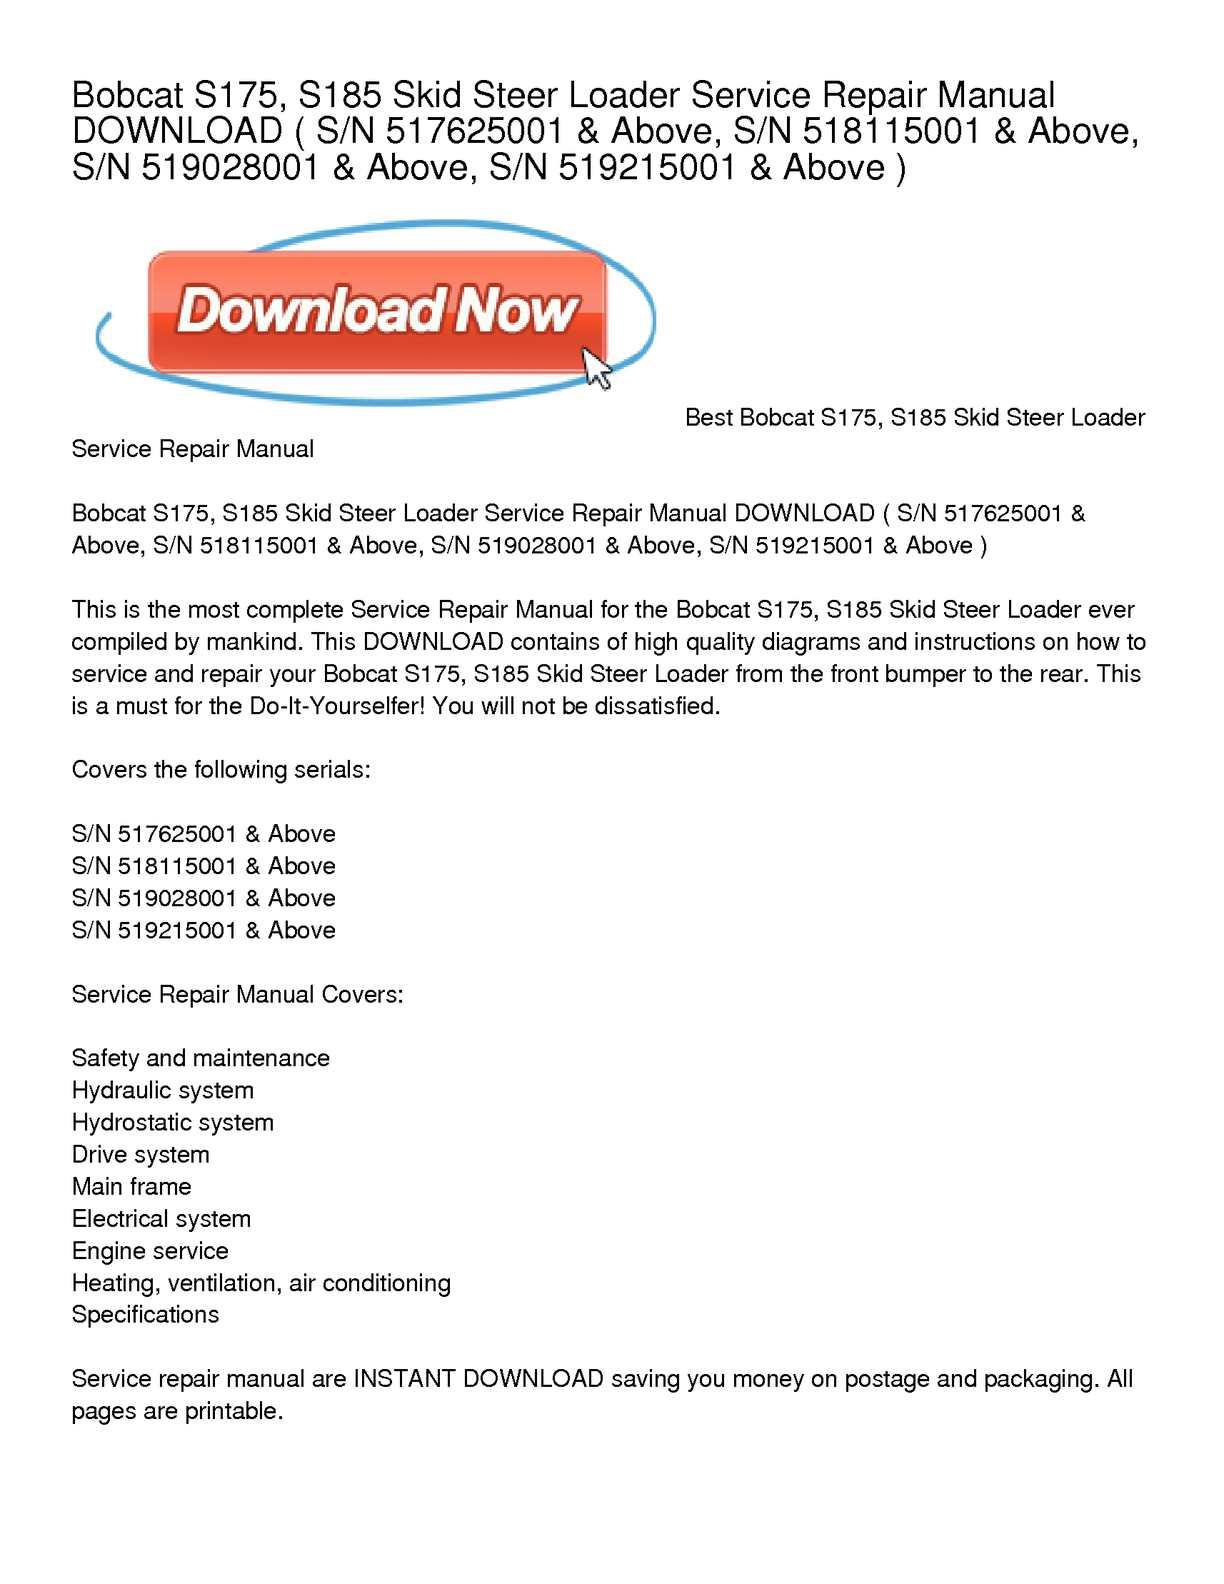 Calaméo - Bobcat S175, S185 Skid Steer Loader Service Repair Manual